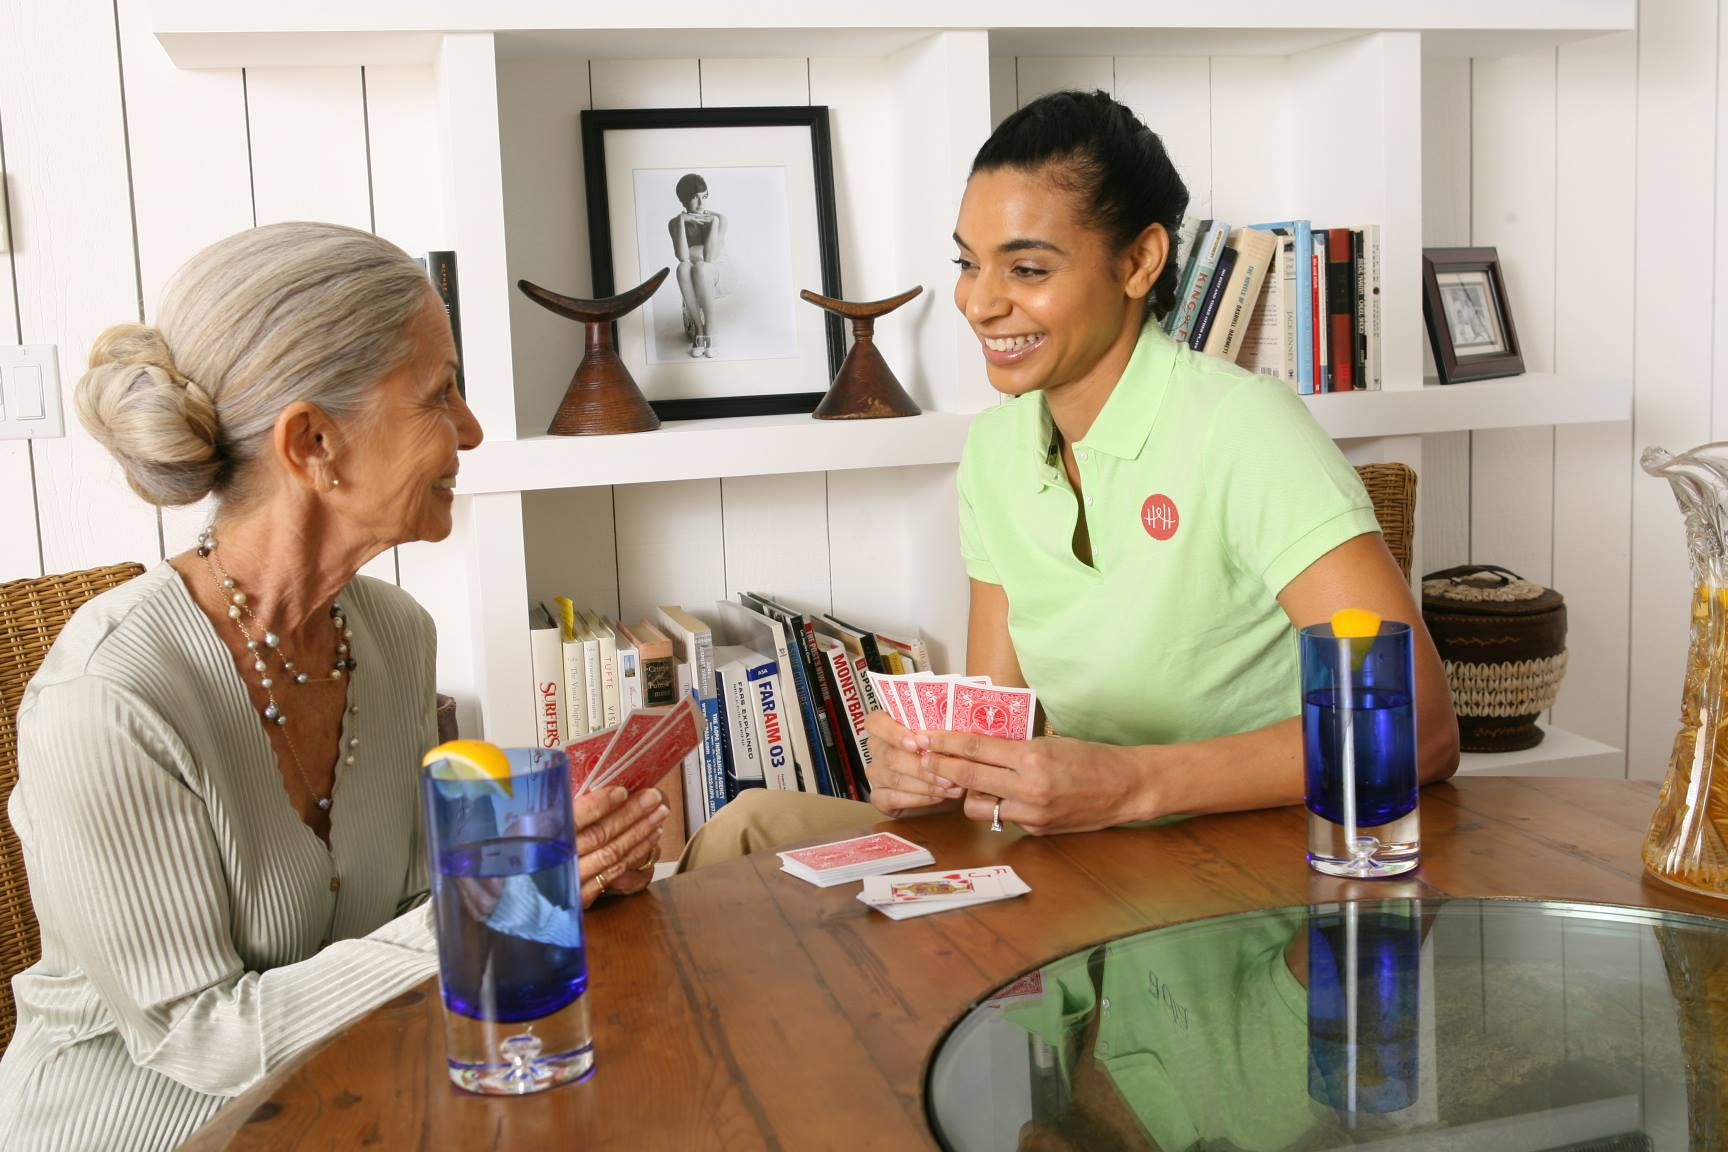 Facilita la contratación de cuidadores para mayores con un proyecto como HomeHero